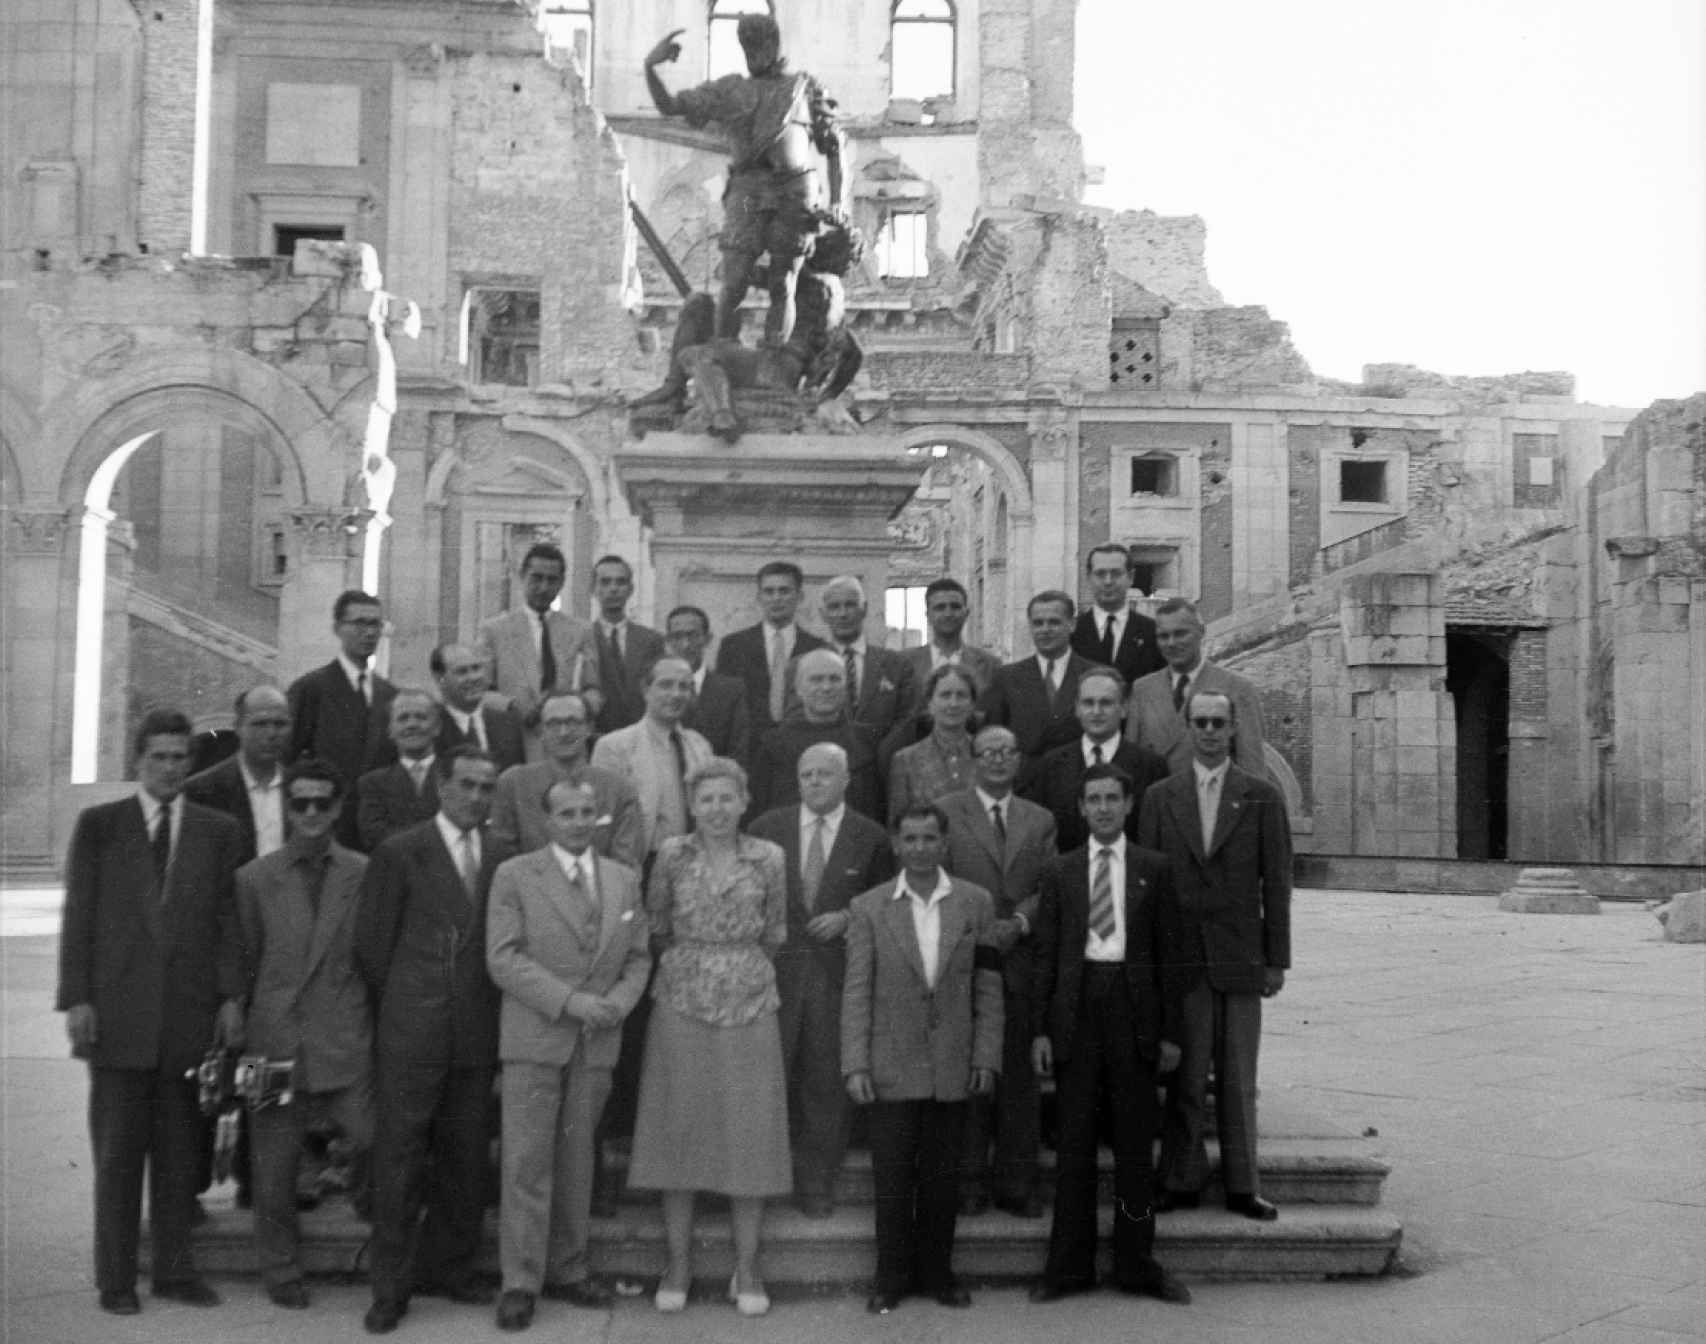 Grupo de personas junto a la escultura de Carlos V en el patio del Alcázar de Toledo el 28 de septiembre de 1951 (Foto cedida por el autor perteneciente a la Colección Rodríguez.